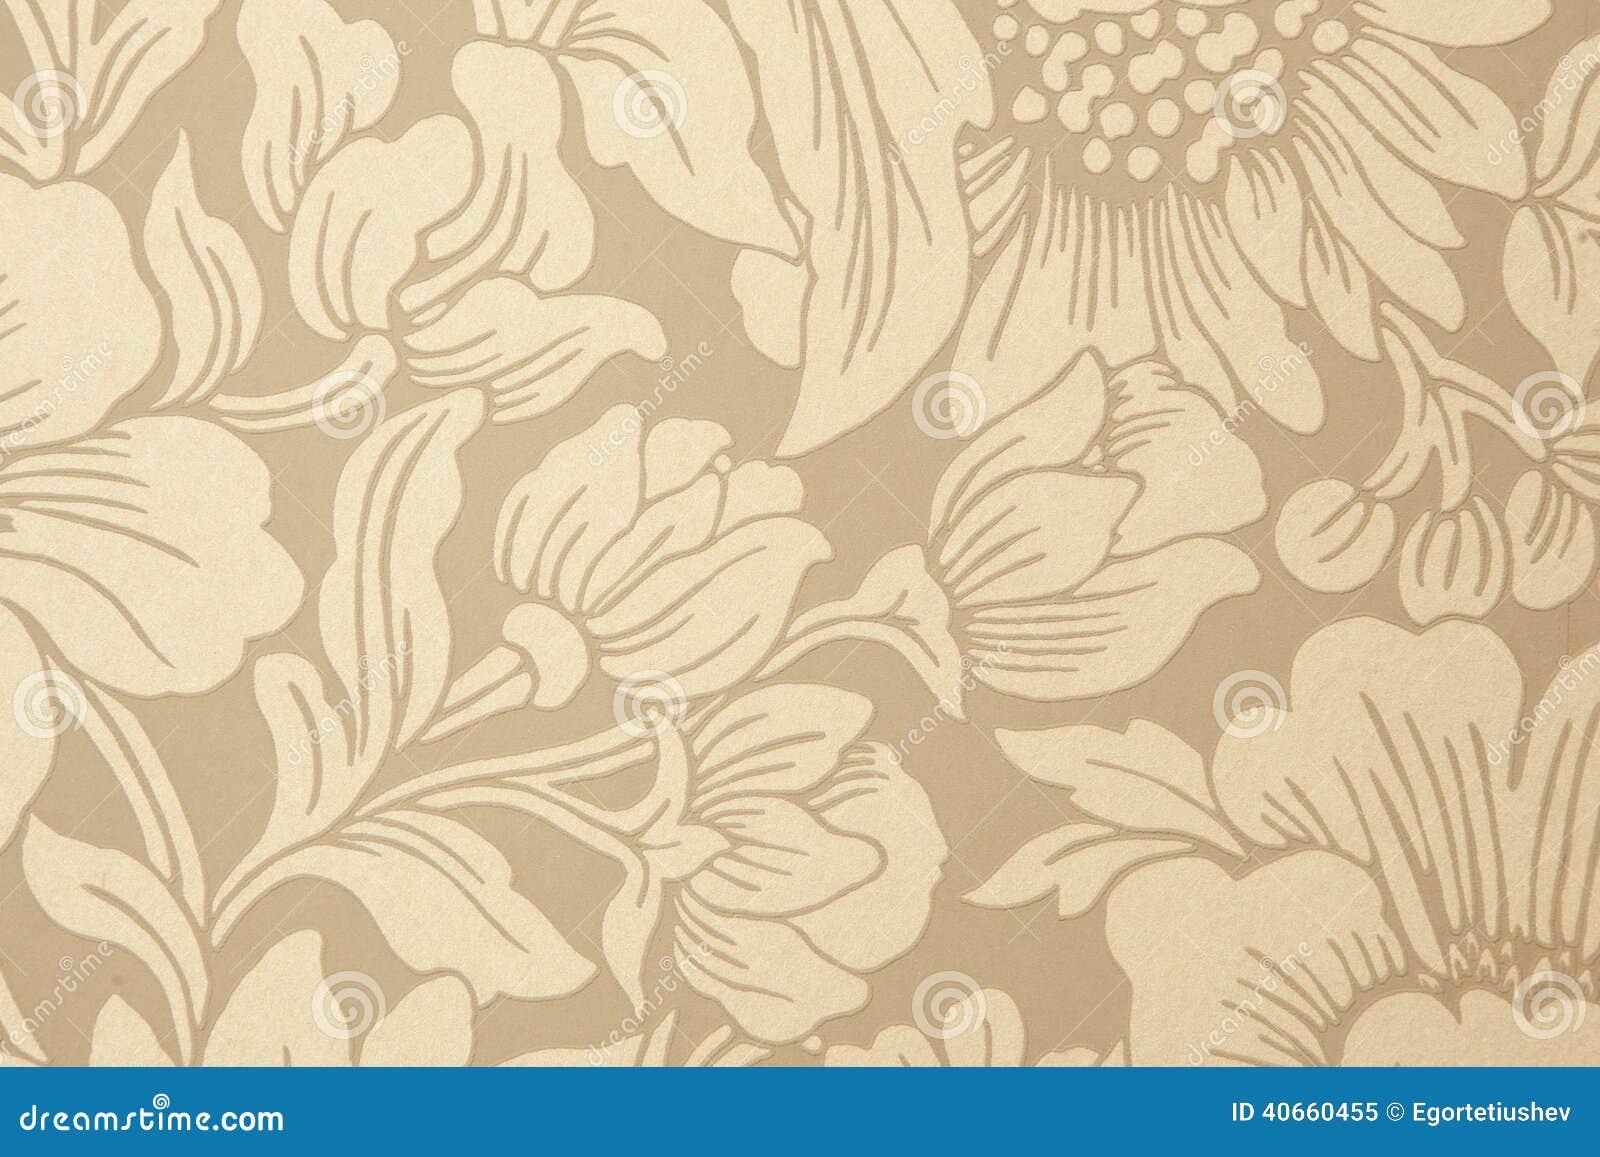 Διακοσμητικό σχέδιο των λουλουδιών